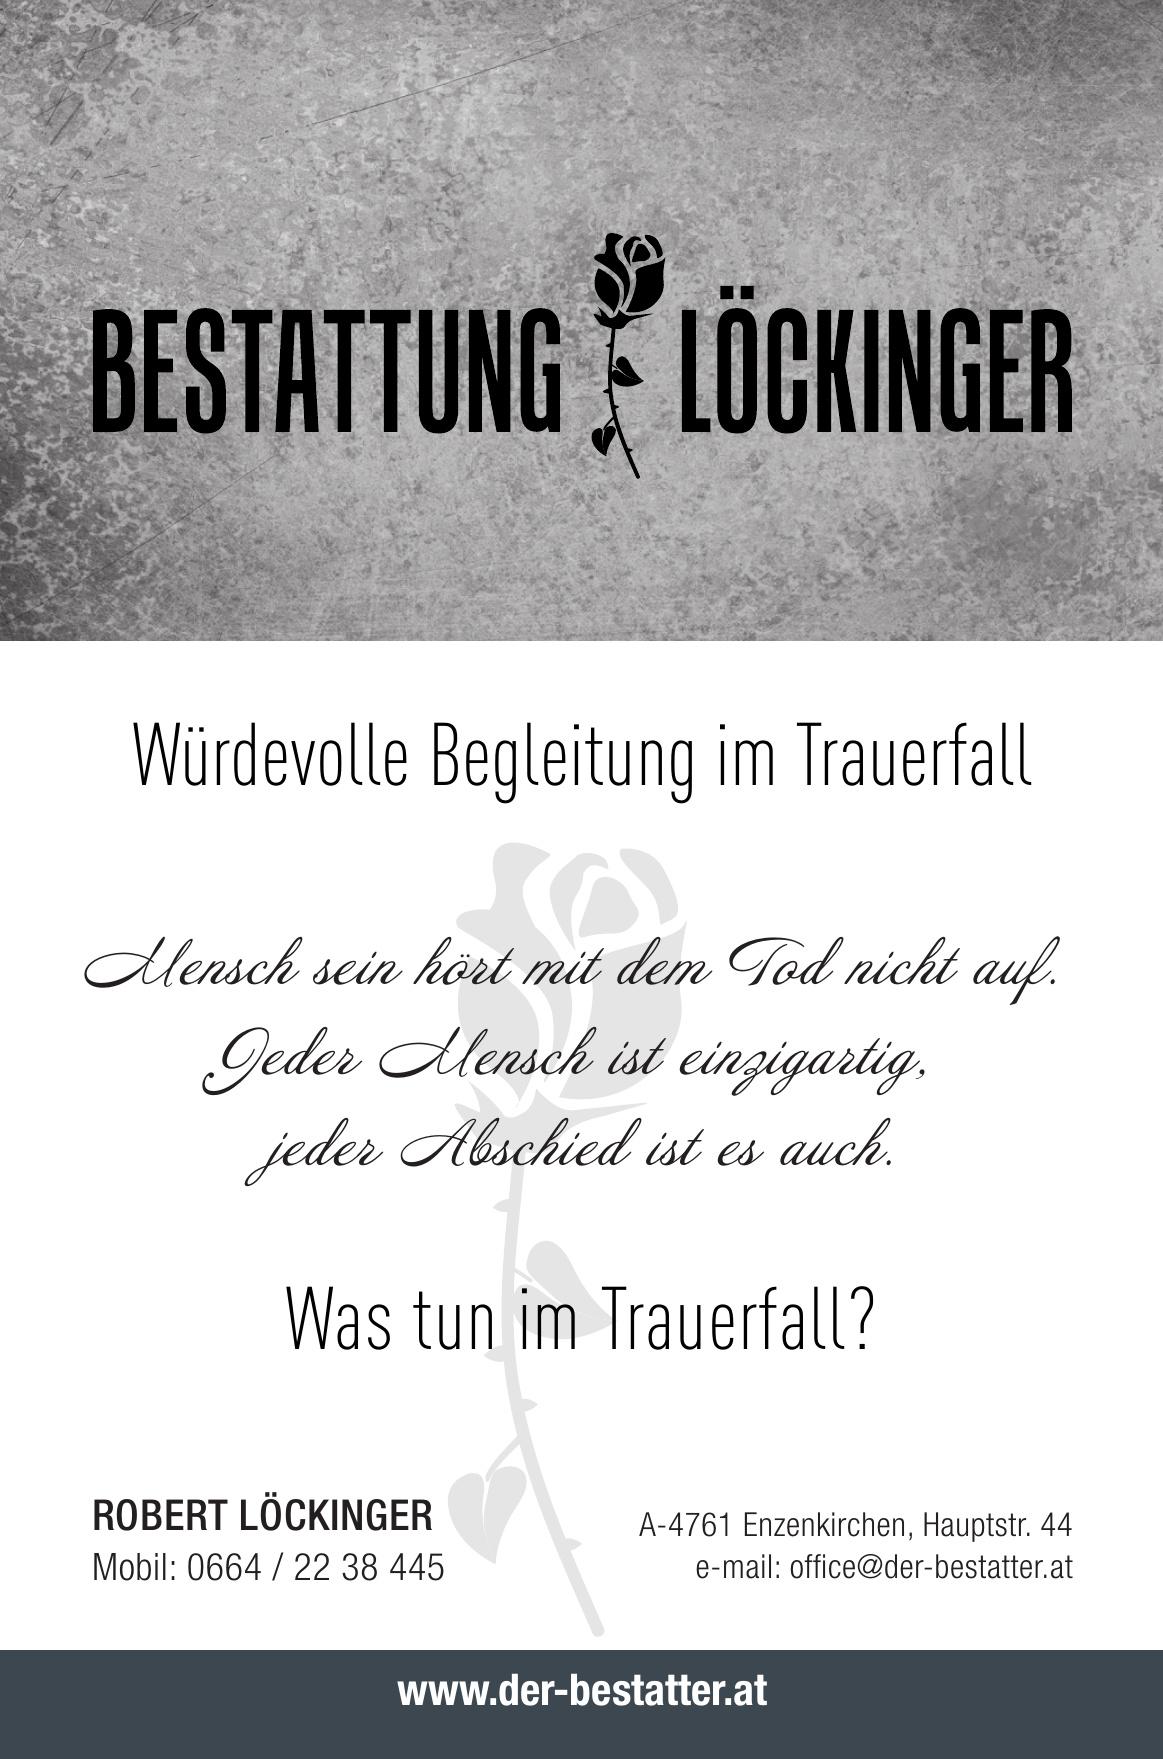 Bestattung Löckinger